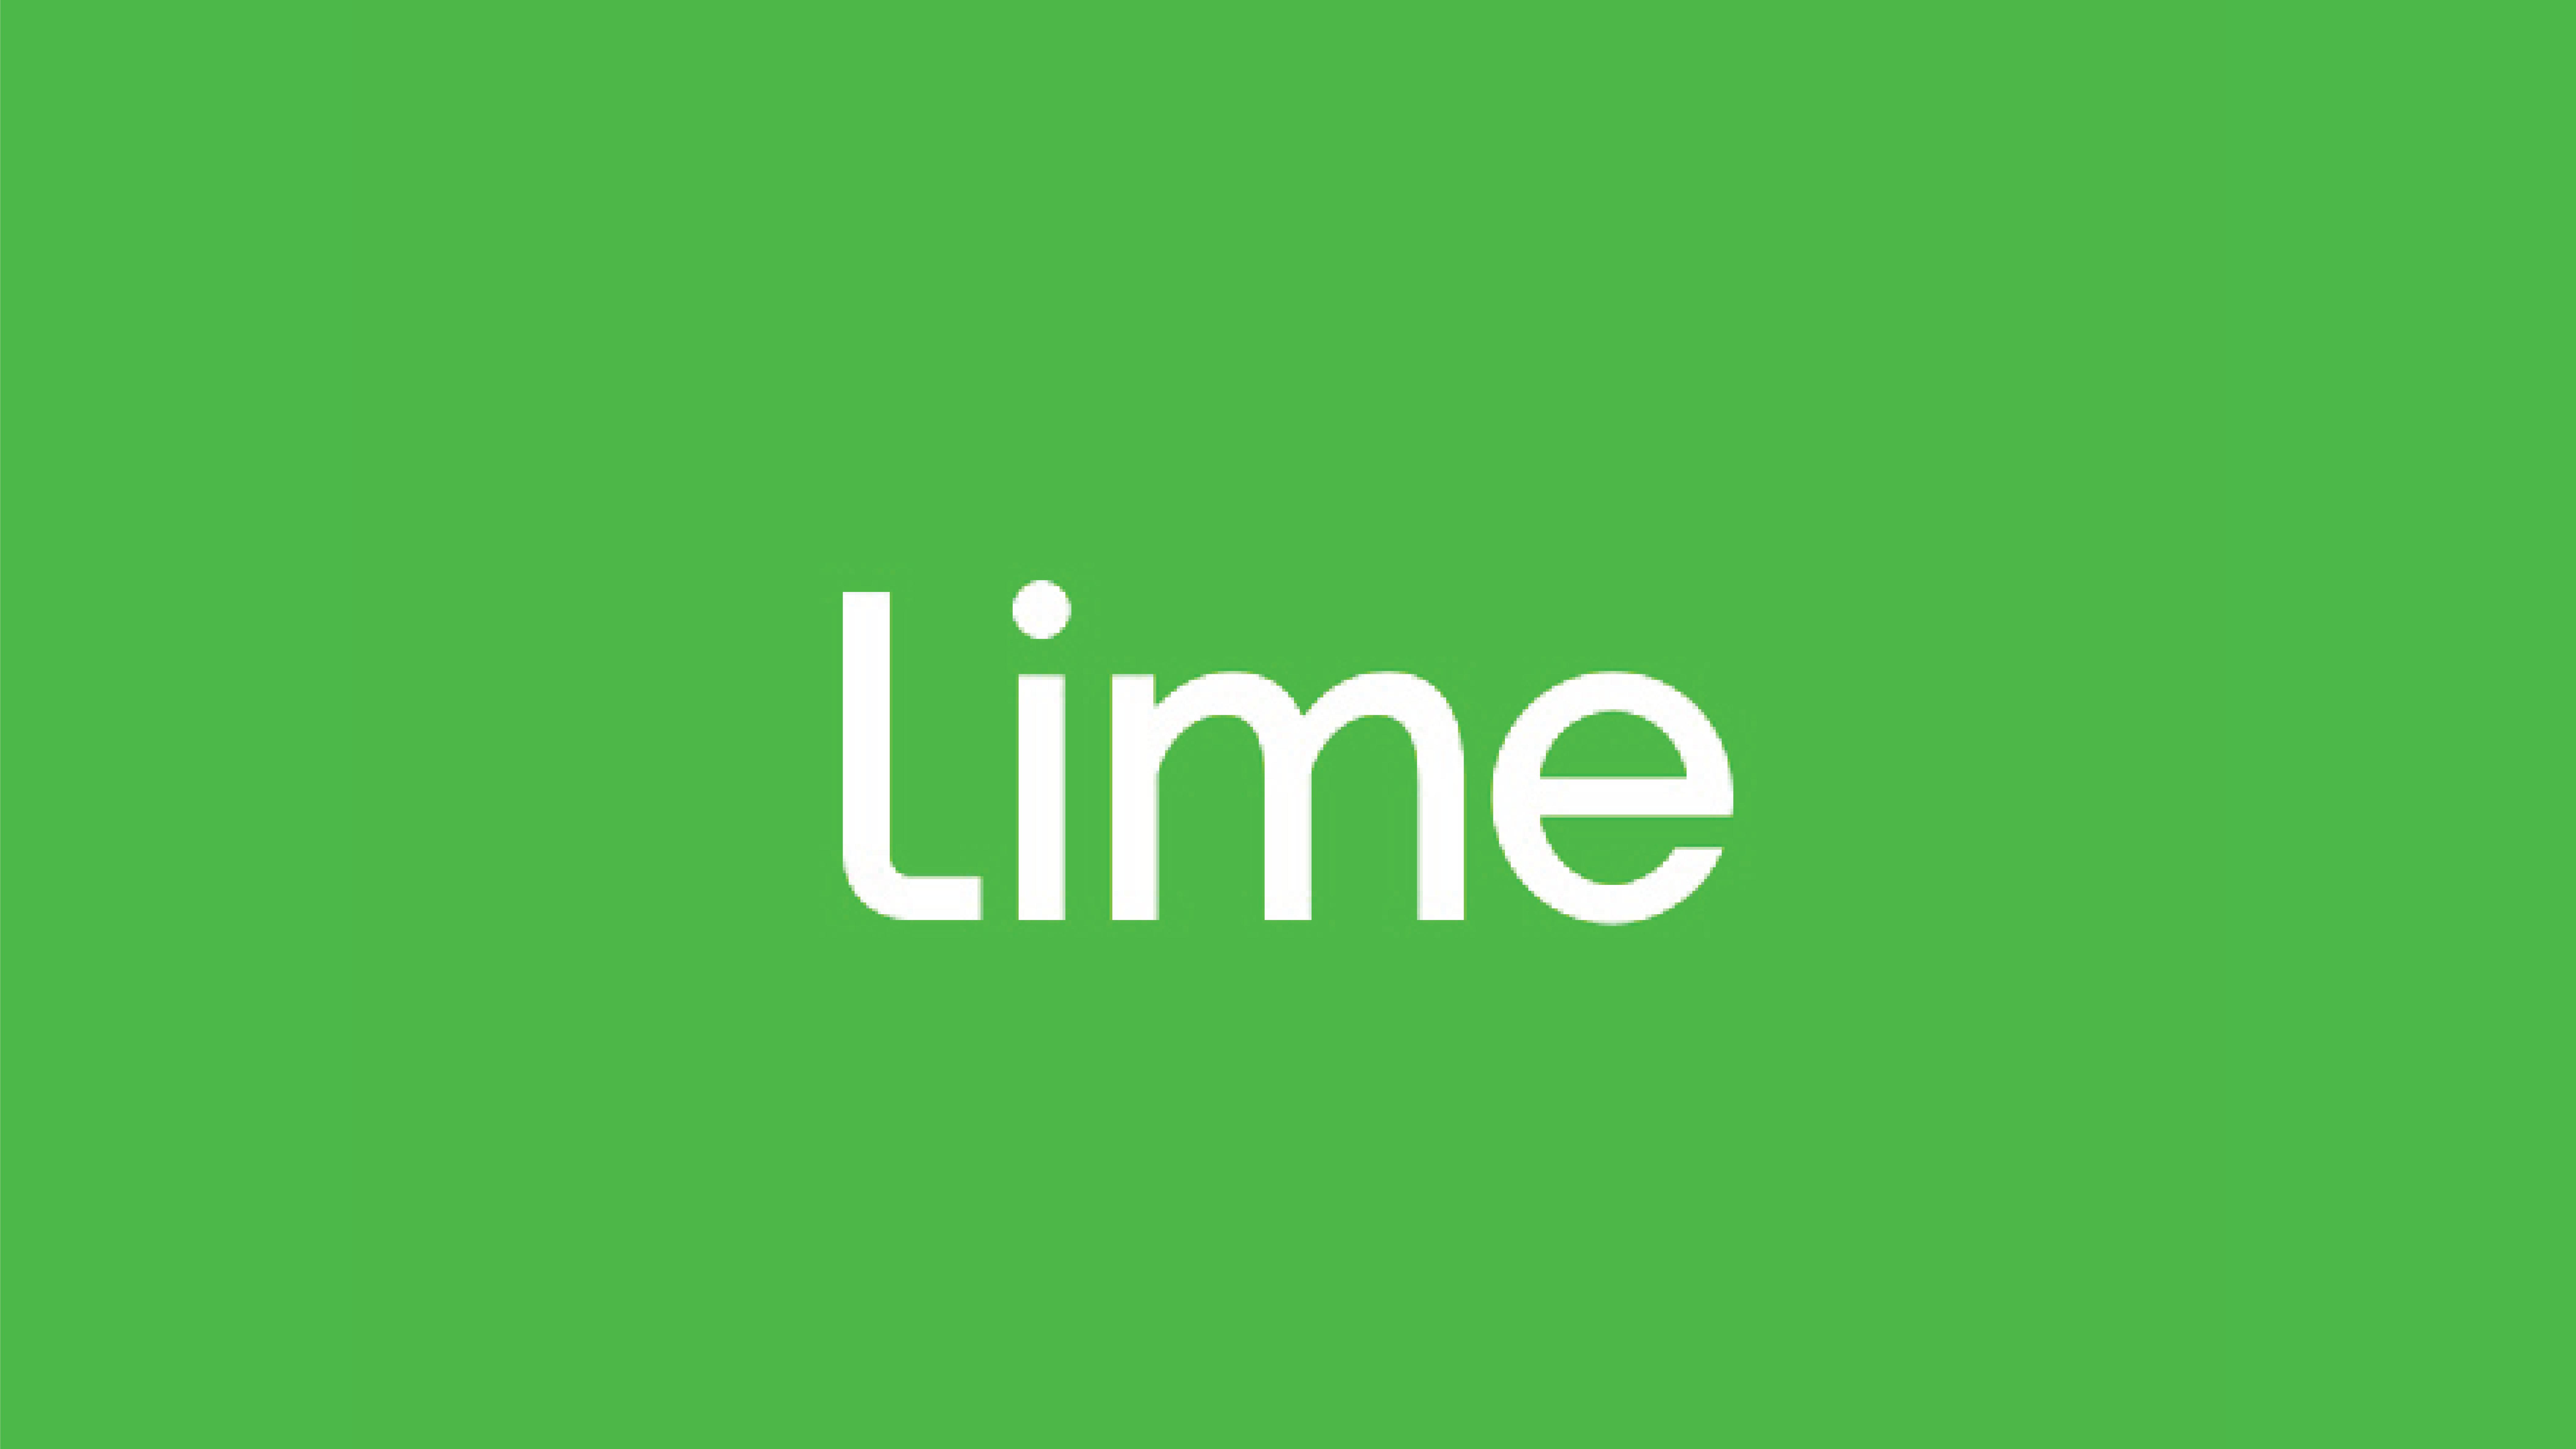 LIME 01 e1607163262393